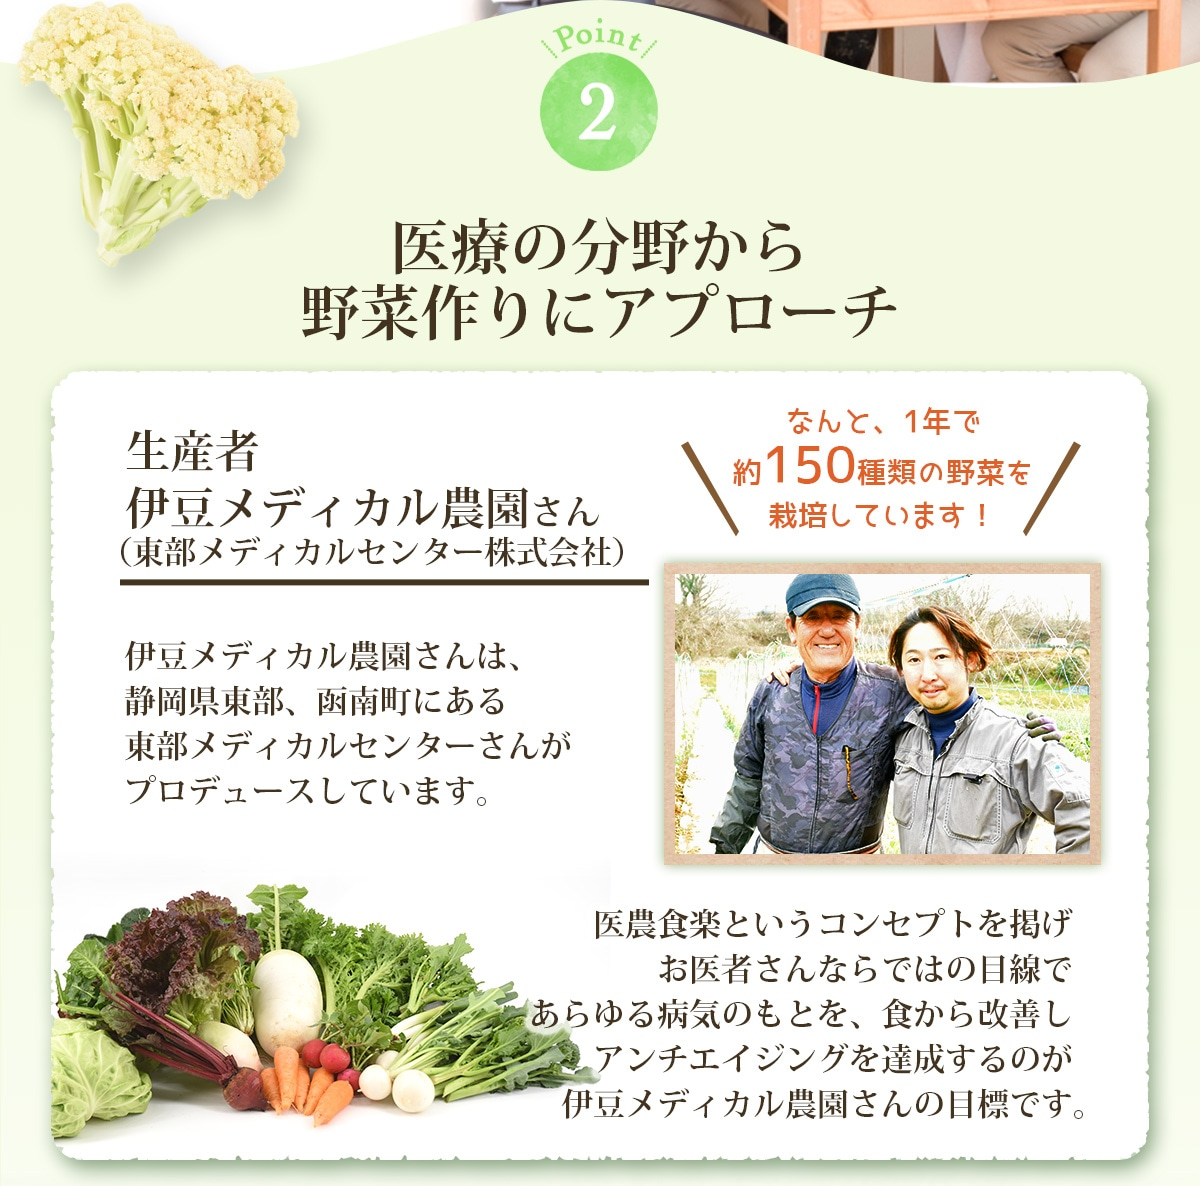 食から改善しアンチエイジングを達成するのが伊豆メディカル農園さんの目標